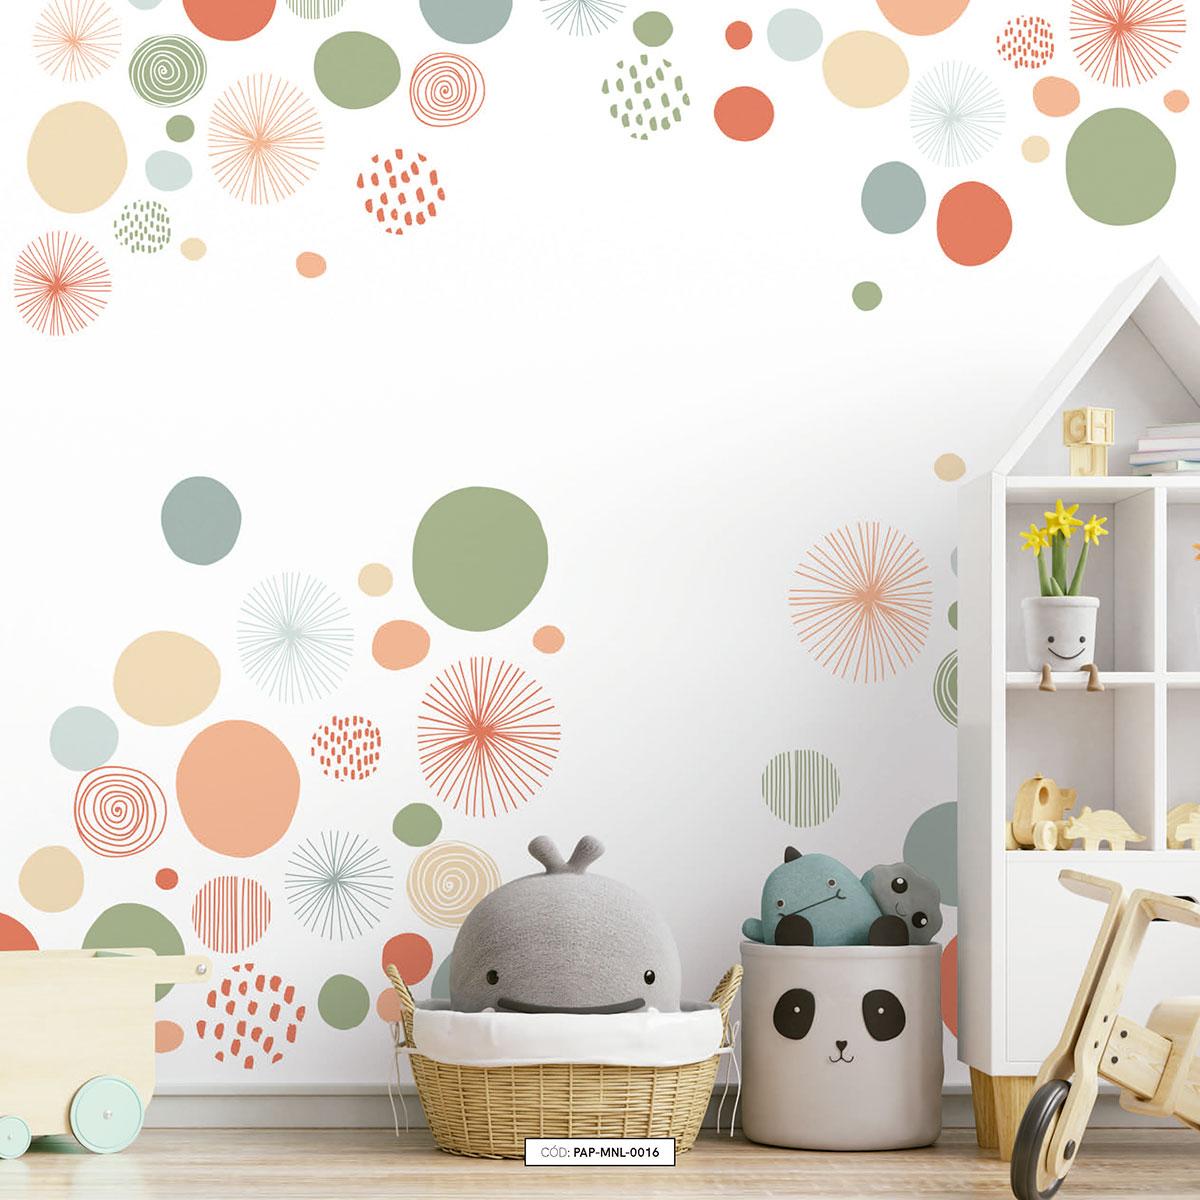 Painel de parede a vida é uma festa